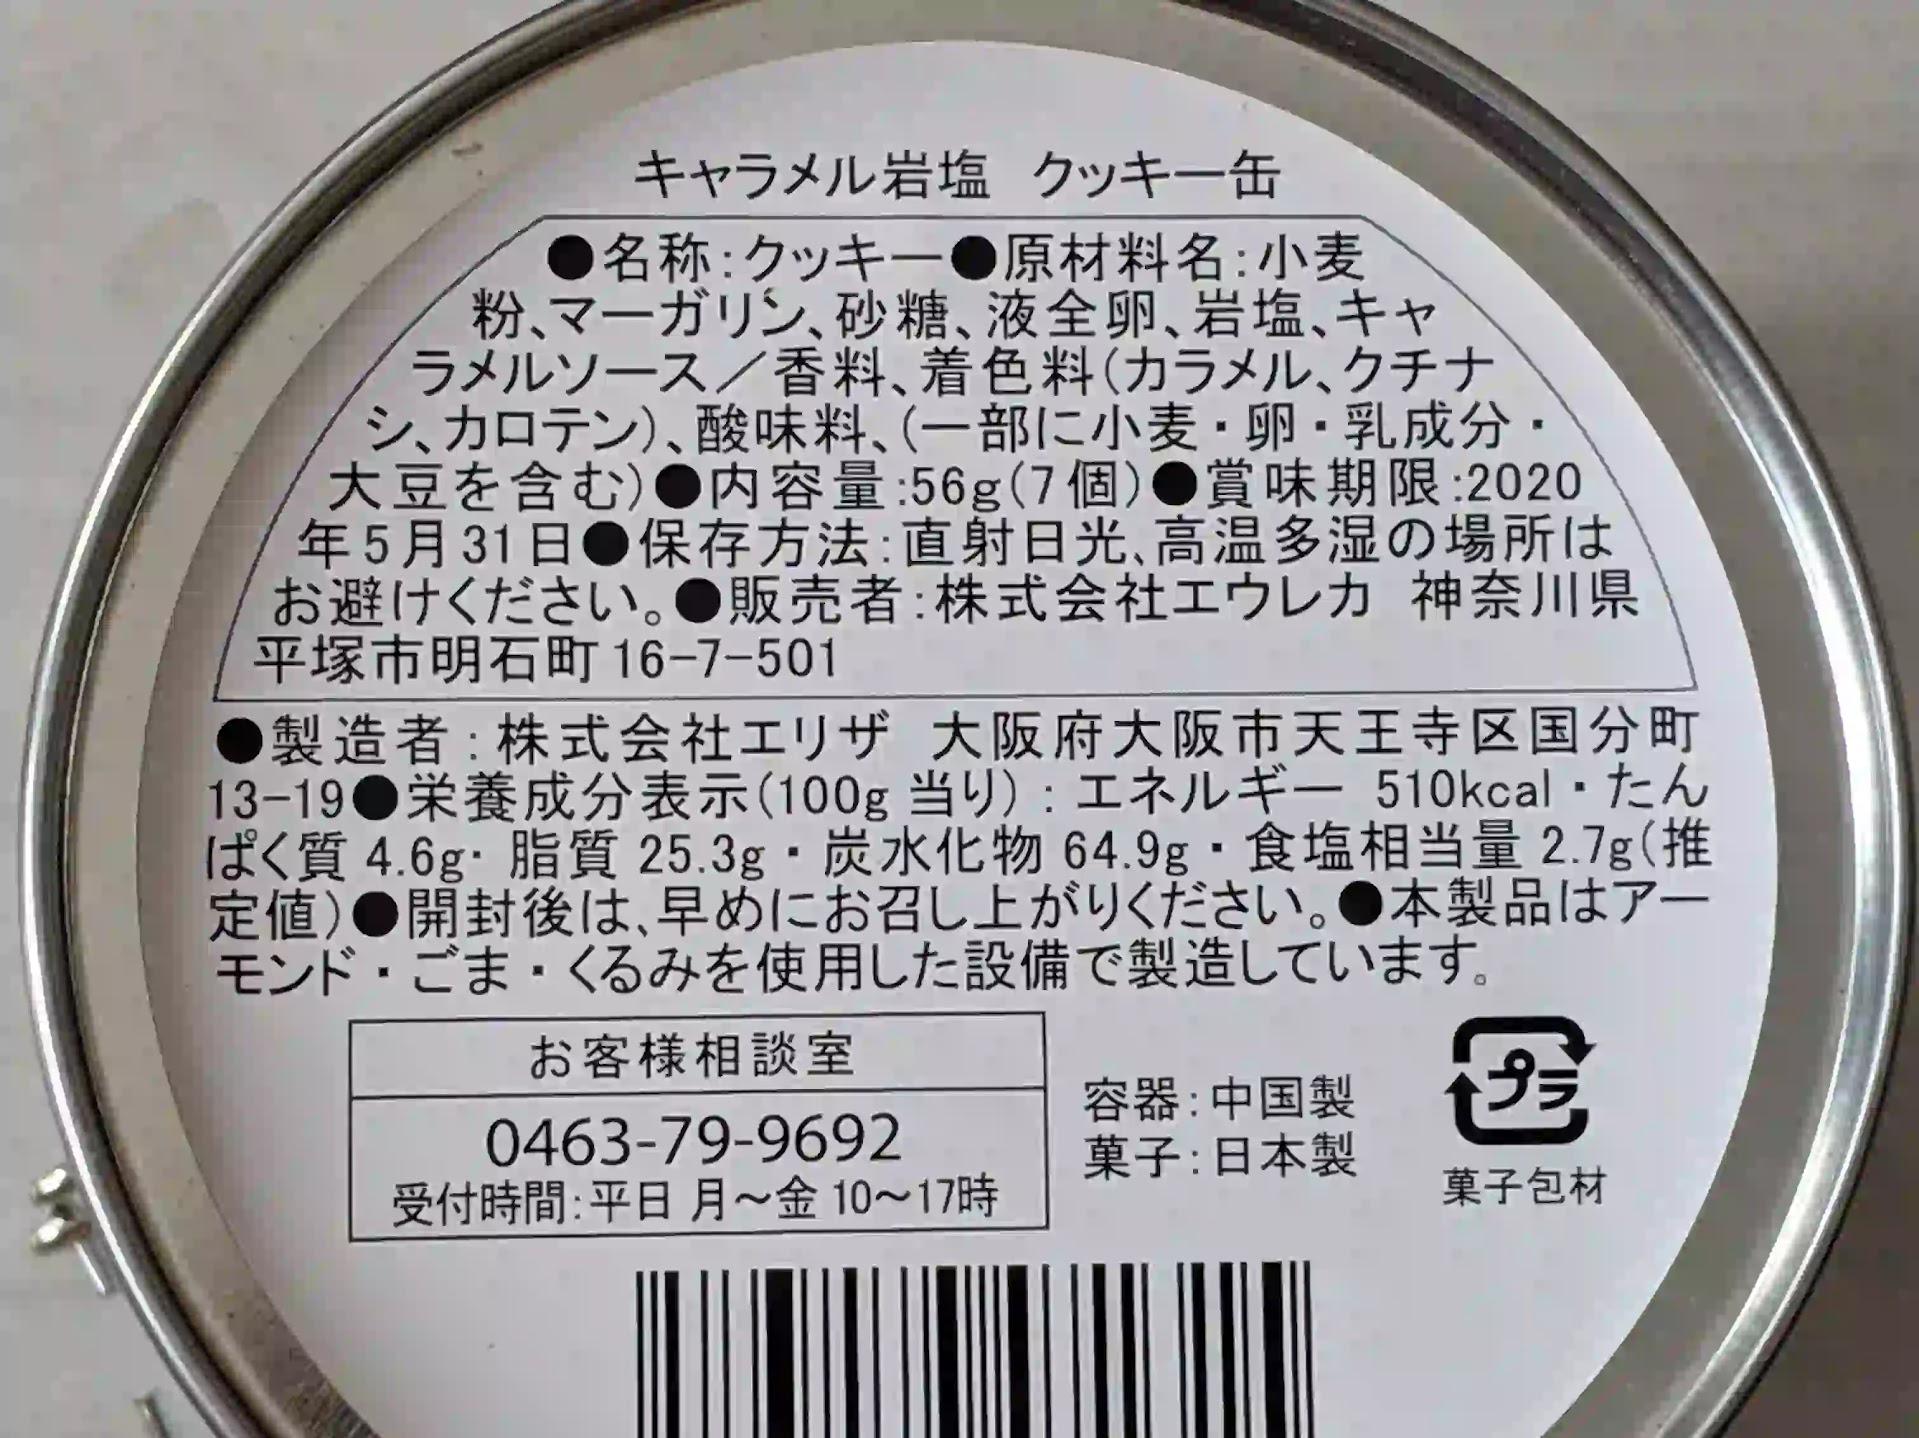 キャラメル岩塩クッキー缶 栄養成分表示